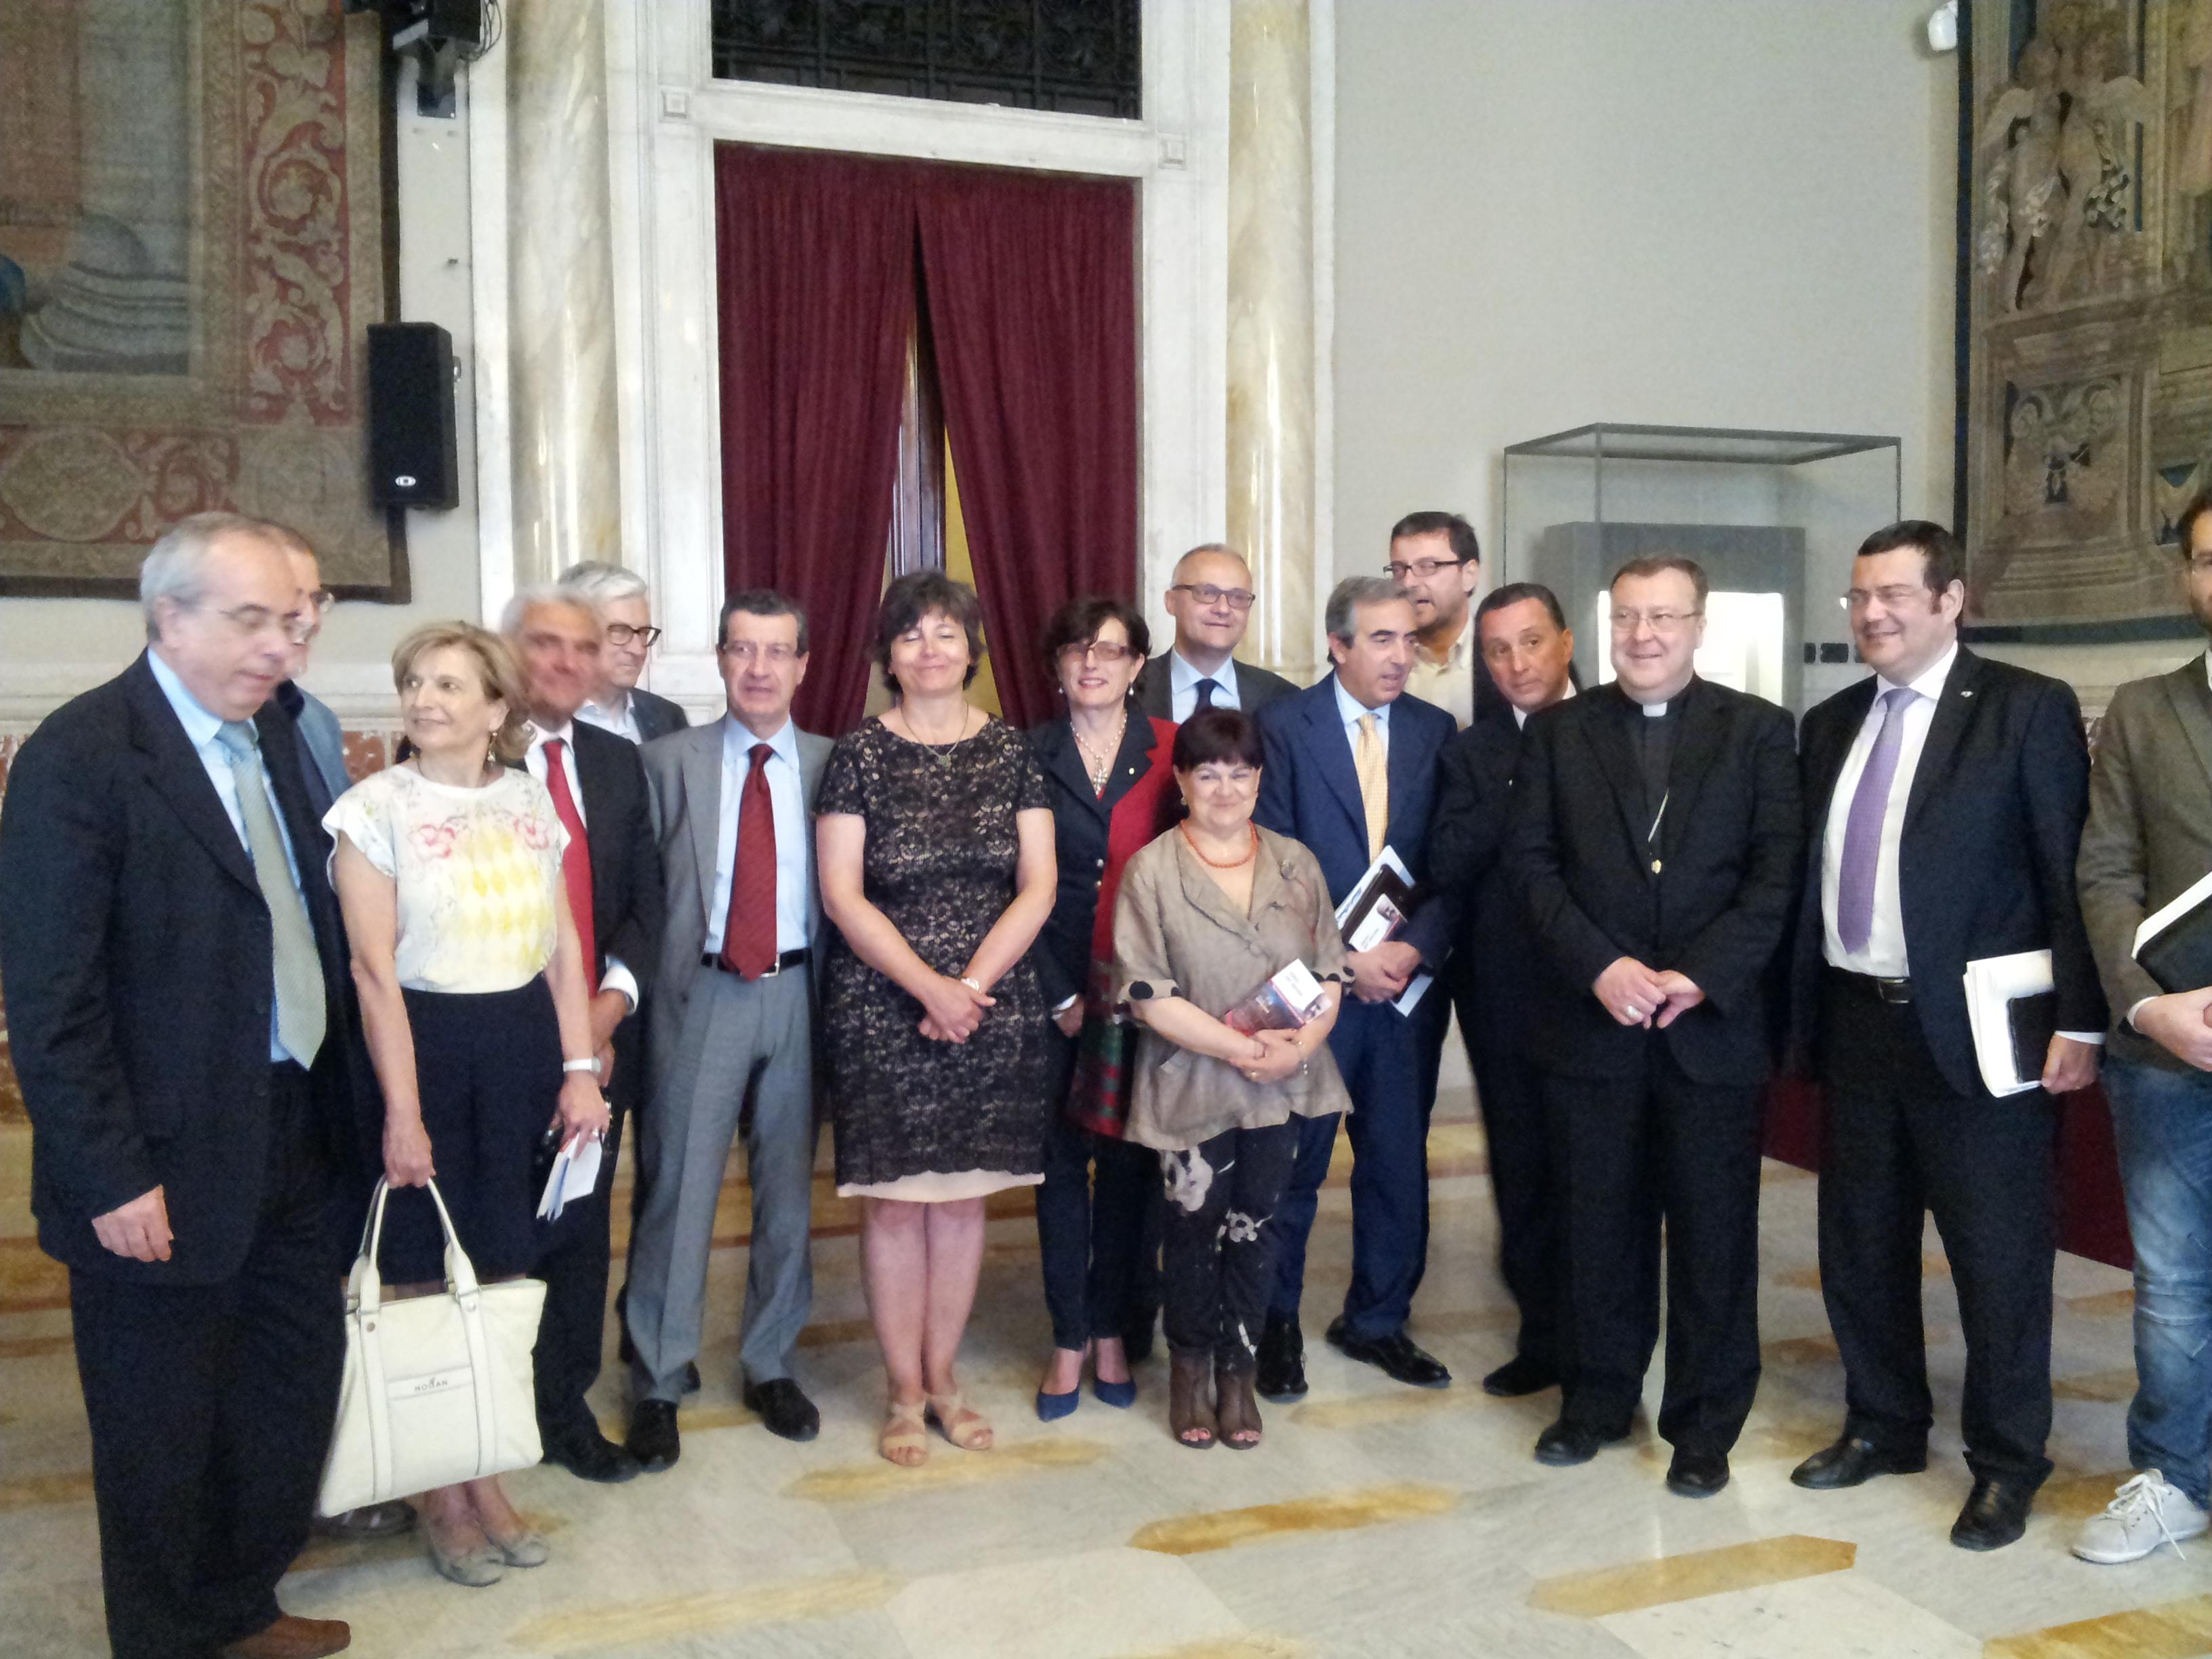 Eletti per servire. Papa Francesco e i parlamentari italiani